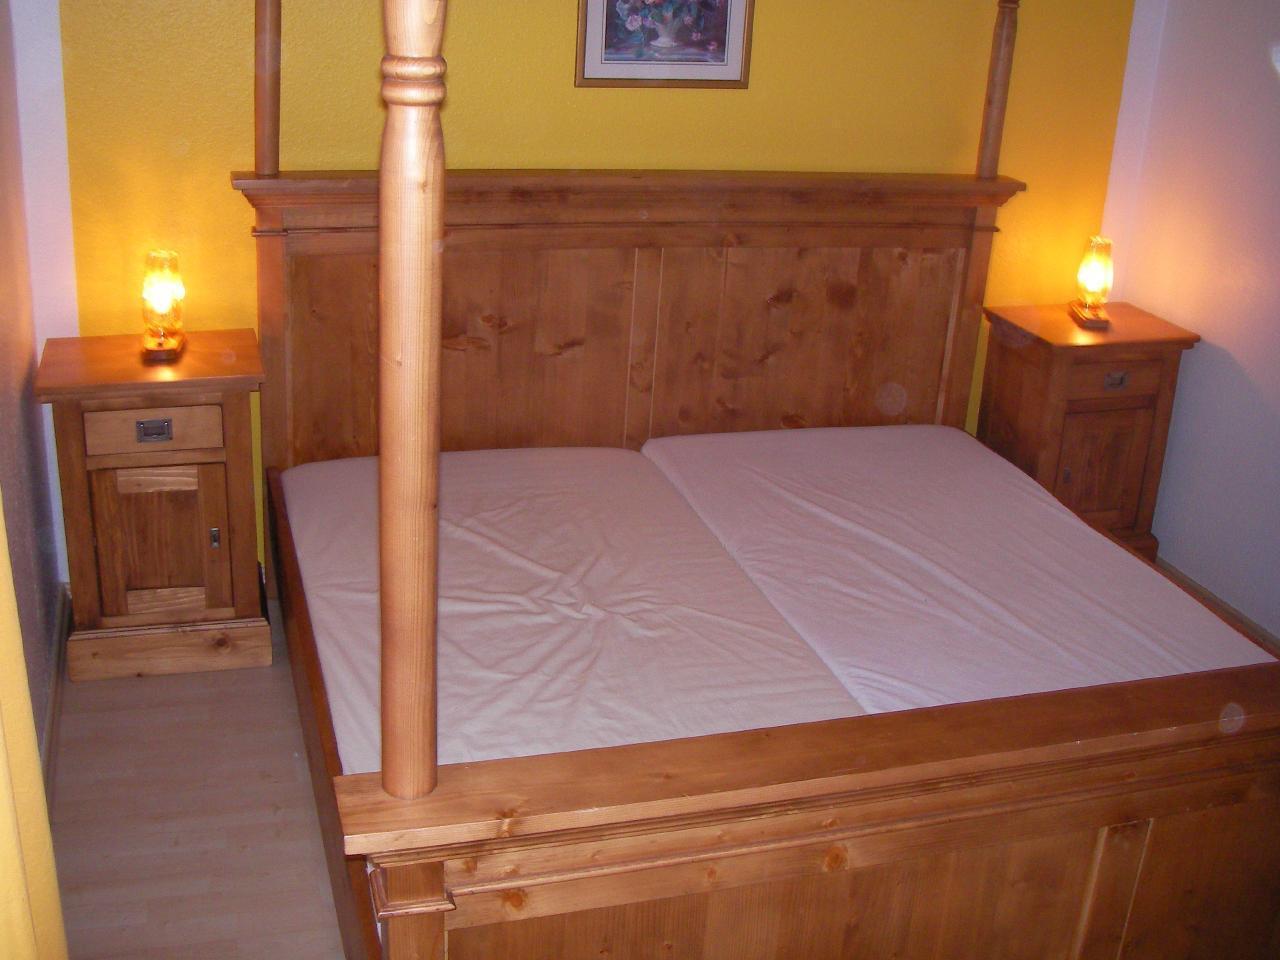 Ferienwohnung Haus Hilde Wohnung 2 (993407), Presseck, Oberfranken, Bayern, Deutschland, Bild 42